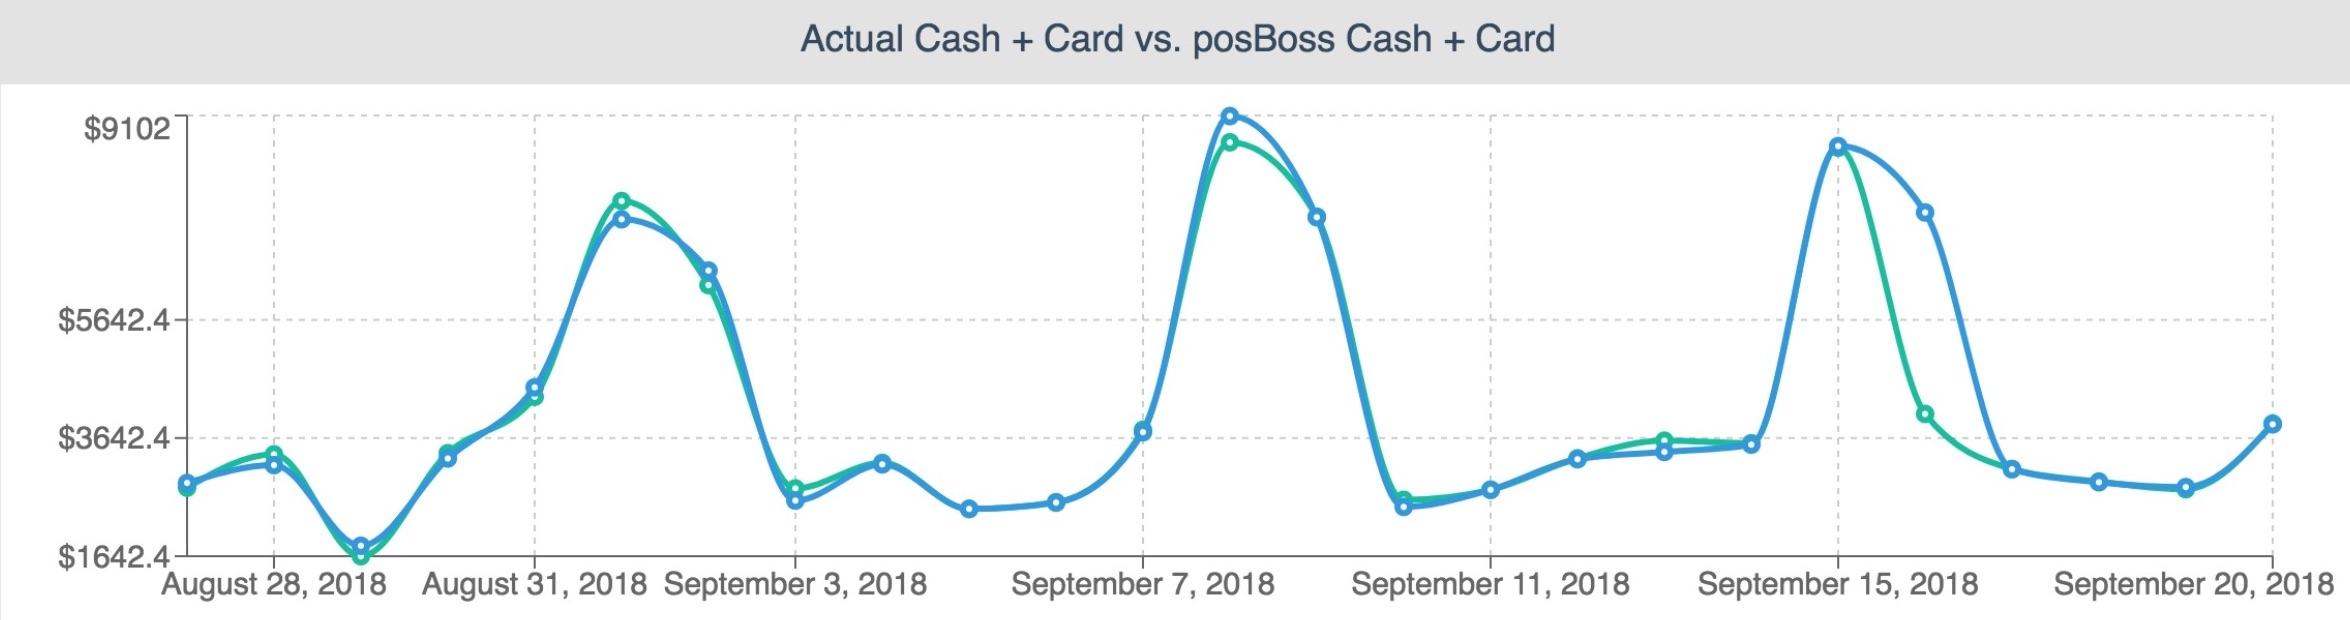 posBoss Cash Up Trend Graph